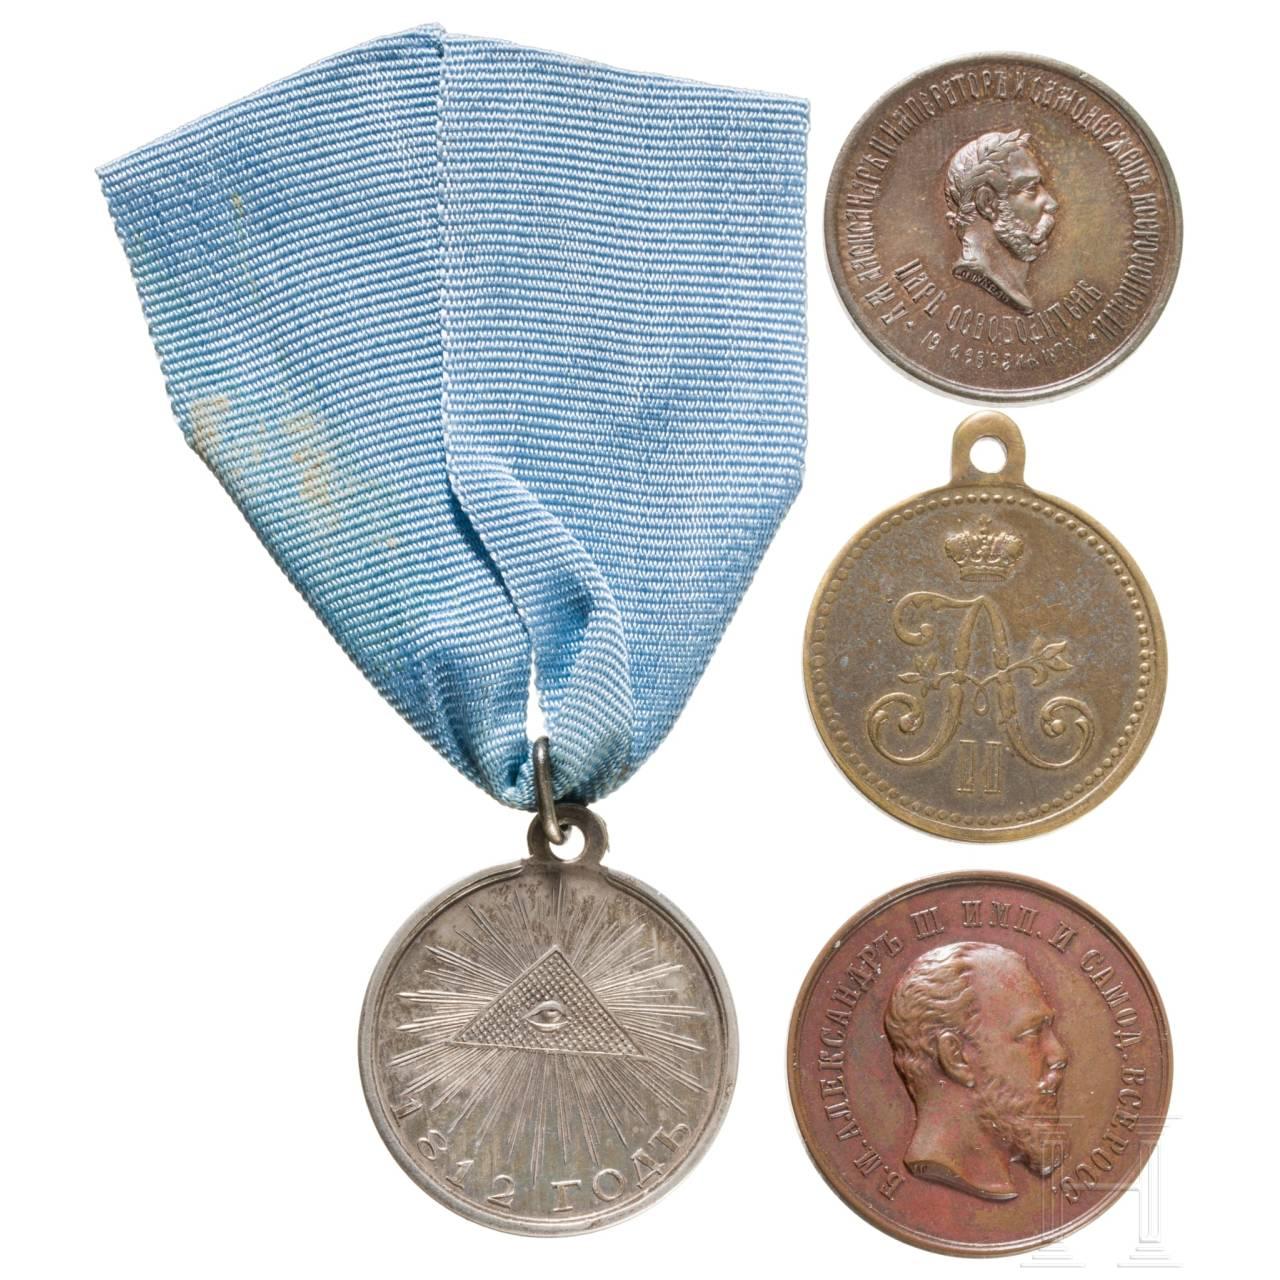 Silberne Medaille für den Vaterländischen Krieg 1812 sowie drei weitere Medaillen, Russland, überwiegend 19 Jhdt.